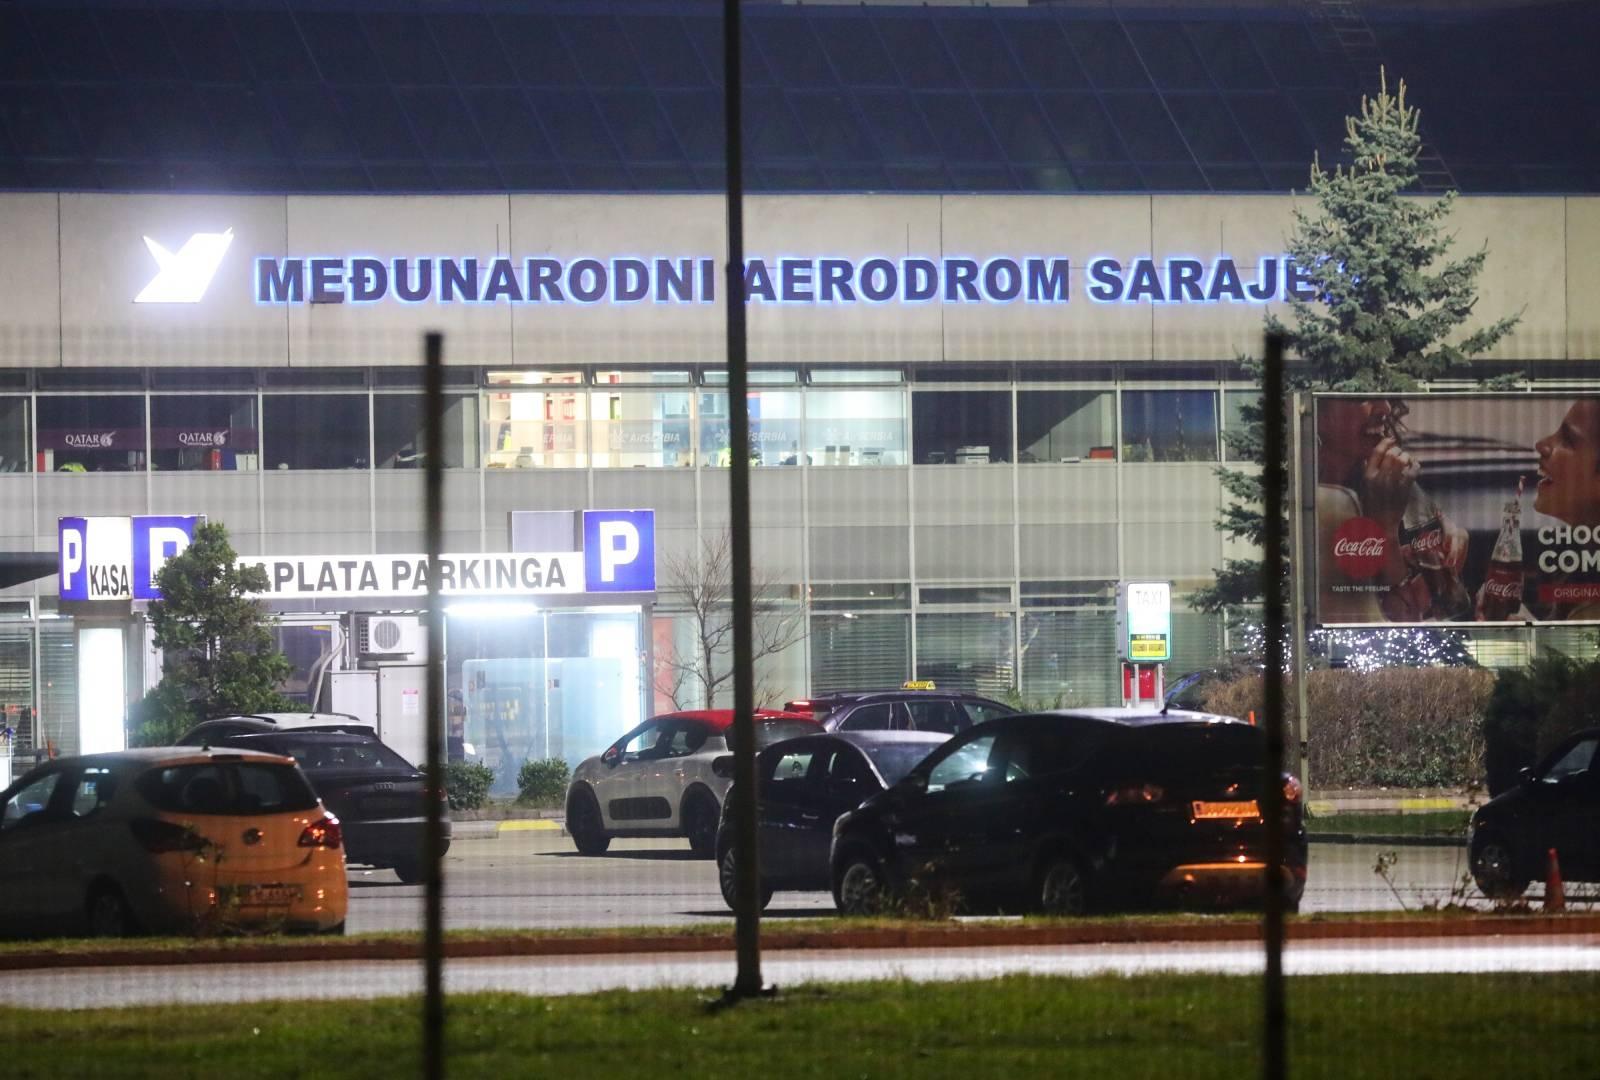 Sarajevo: Policijsko osiguranje kod zračne luke gdje su sletjeli deportirani pripadnici IDIL-a